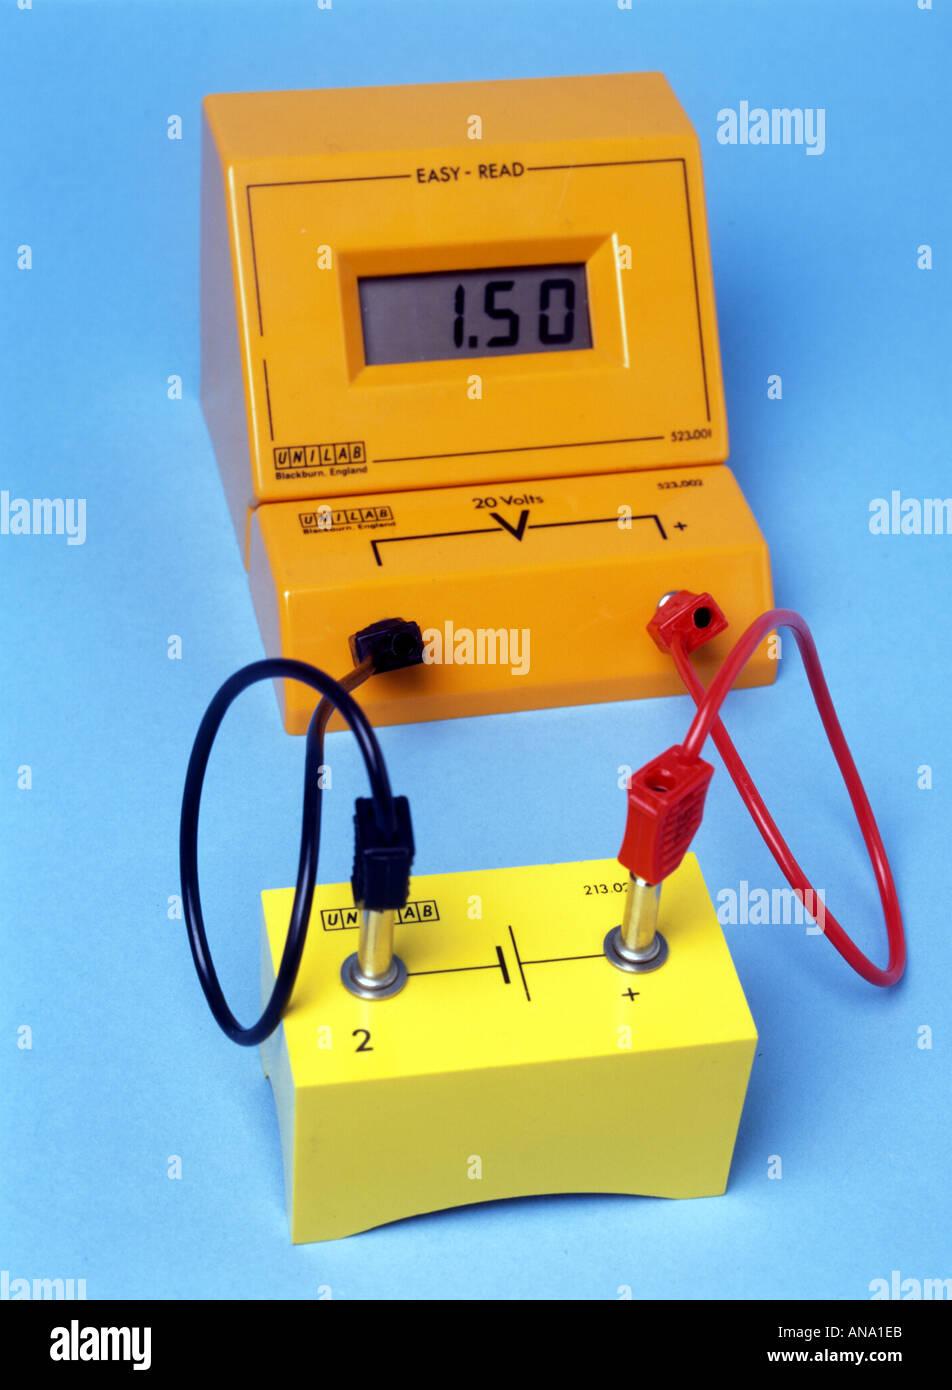 Voltmetro digitale attraverso 1 5 volt cella Immagini Stock